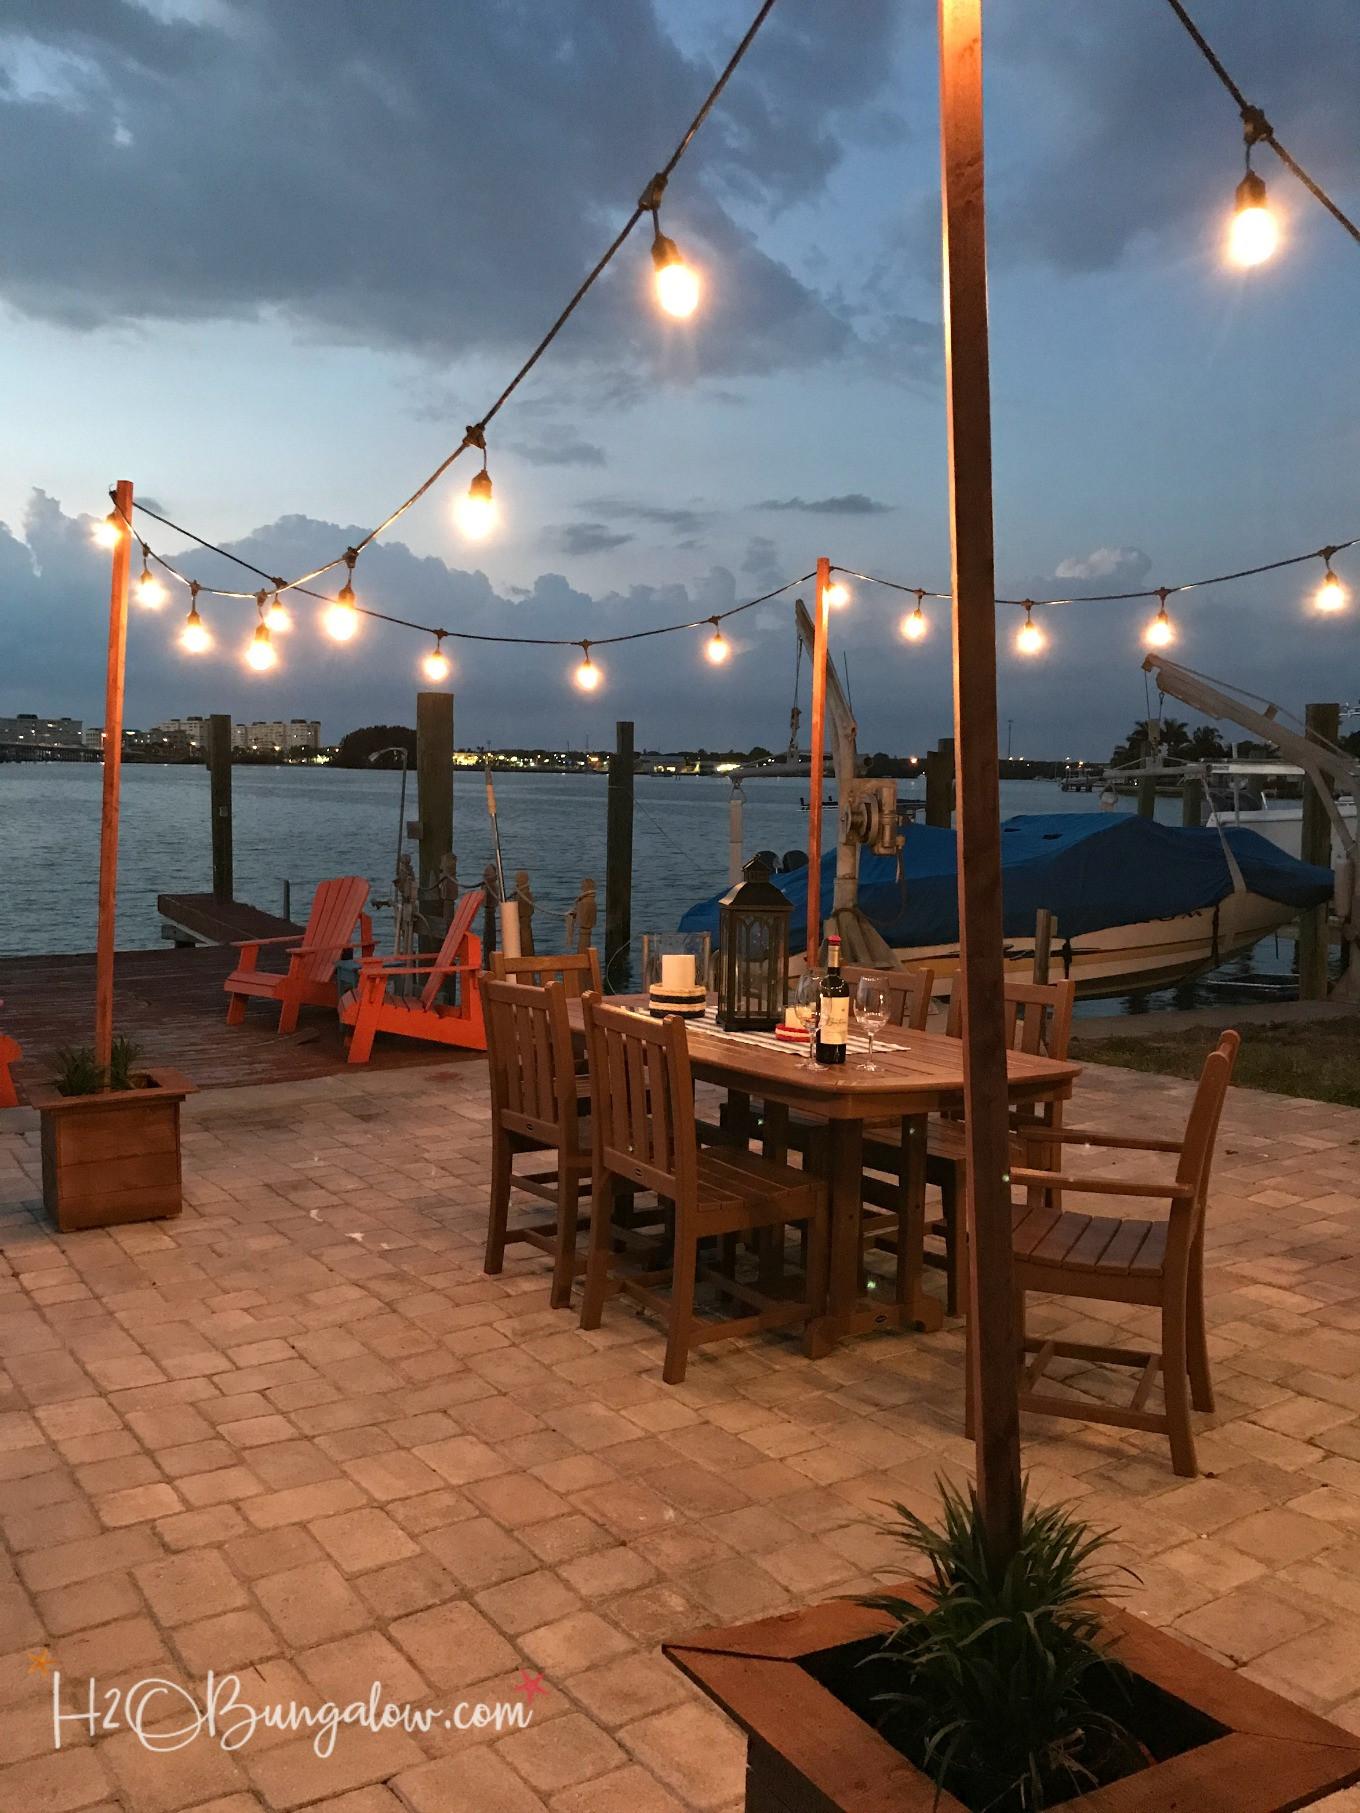 DIY Outdoor String Lights  DIY Outdoor String Lights on Poles H2OBungalow